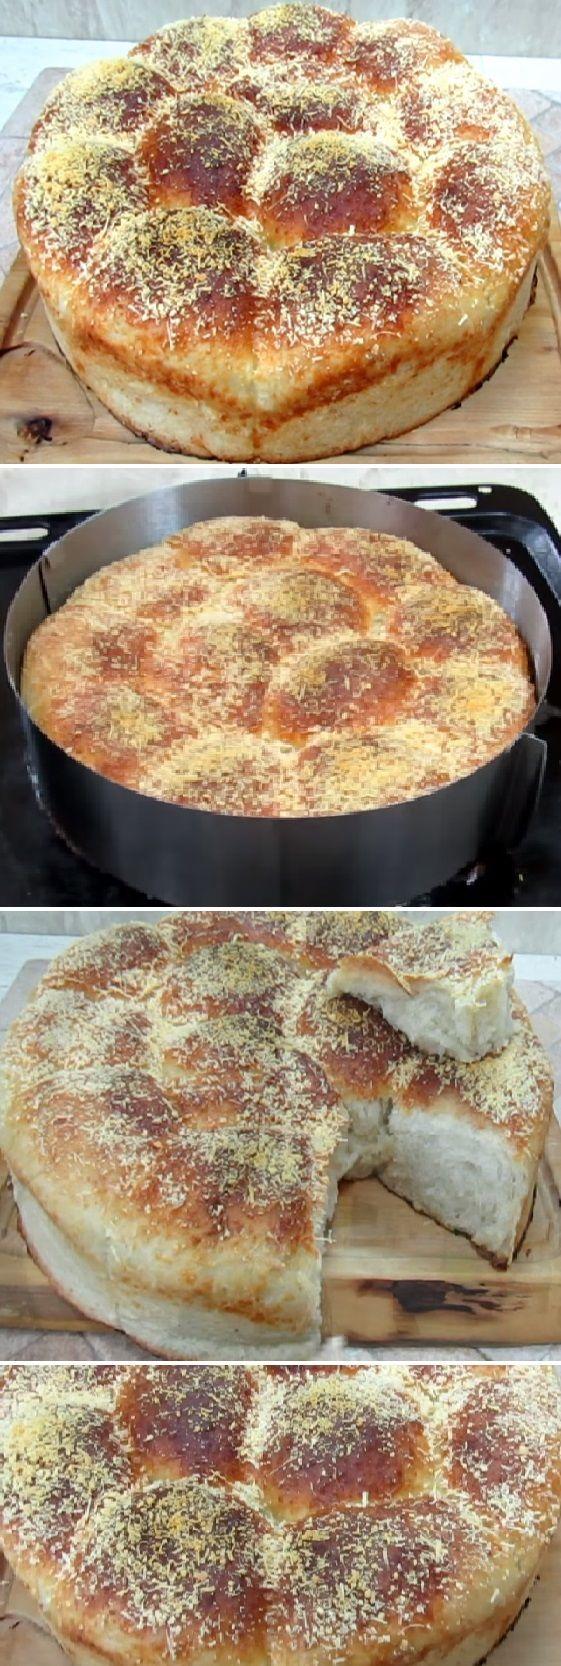 Después de que aprendí a hacer este PAN de Queso Parmesano crujiente por fuera esponjoso y blando por dentro, nunca más voy a dejar de hacer él por toda mi vida! #panqueso #quesoparmesano #parmesano #crujiente #esponjoso #comohacer #lomejor #masa #bread #breadrecipe #pan #panfrances #panettone #panes #pantone #pan #receta #recipe #casero #torta #tartas #pastel #nestlecocina #bizcocho #bizcochuelo #tasty #cocina #chocolate Si te gusta dinos HOLA y dale a Me Gusta MIREN …